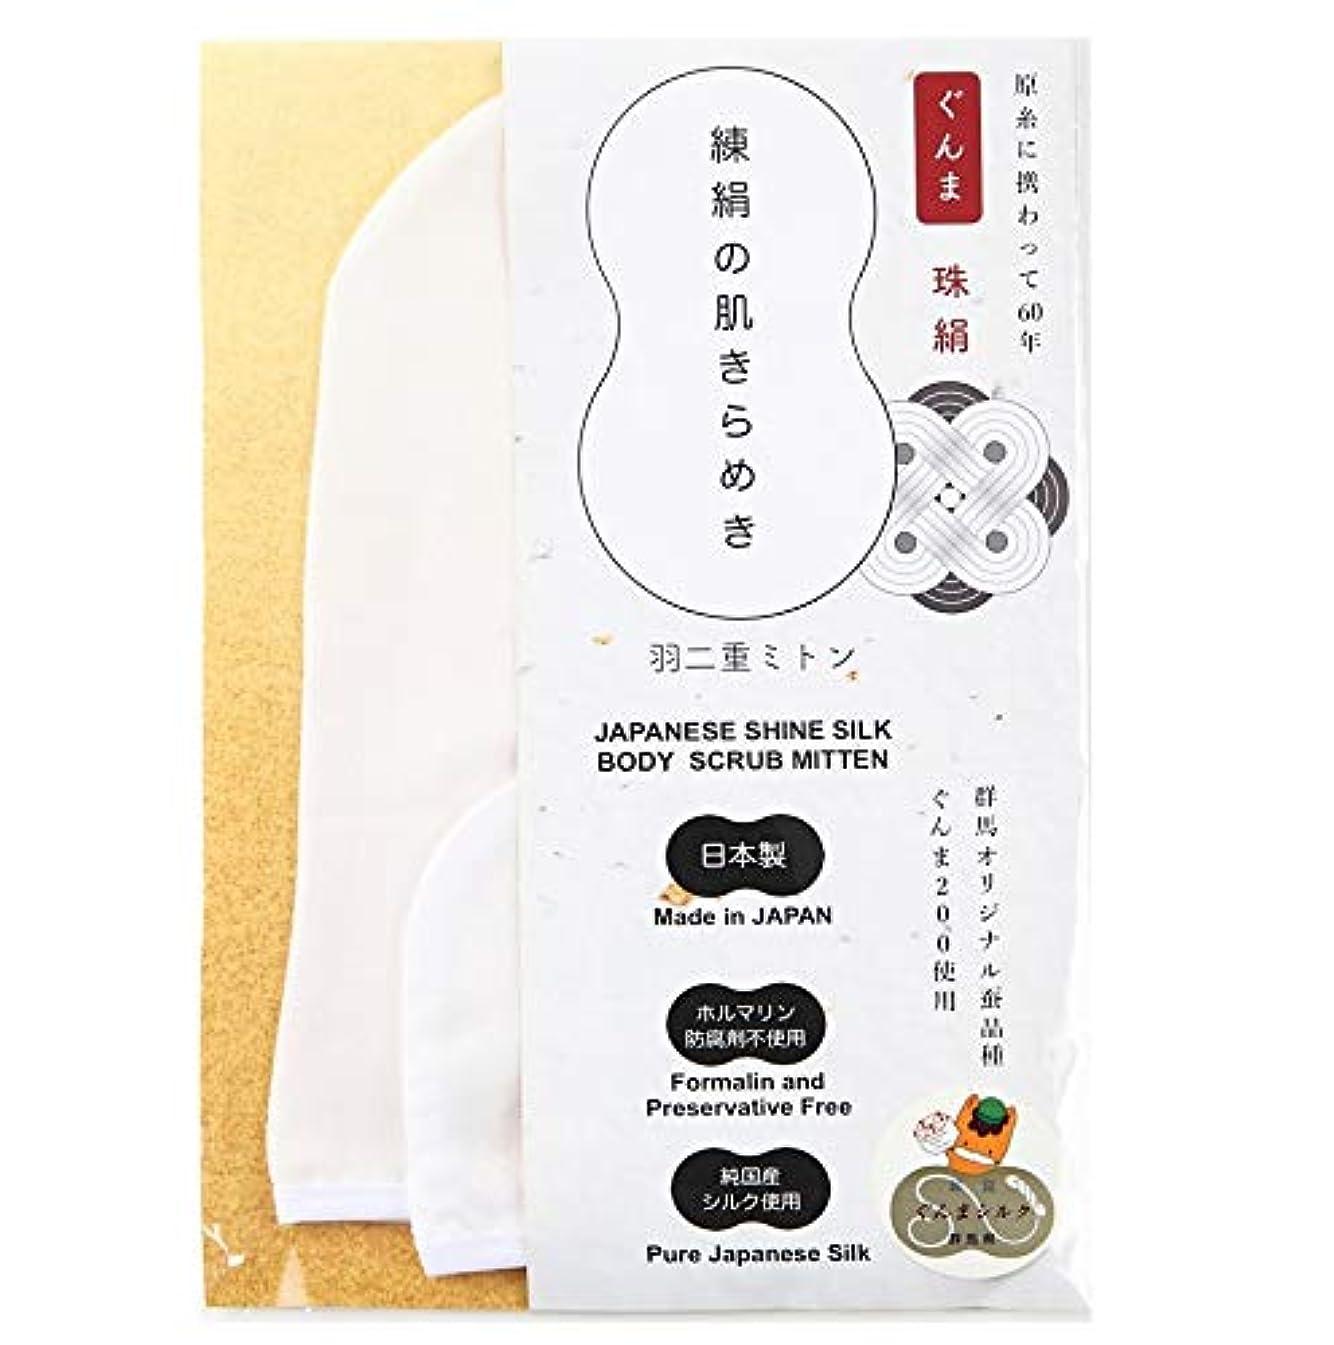 額見落とすリビジョンくーる&ほっと シルクあかすりミトン 純国産絹100%「珠絹(たまぎぬ) 練絹の肌きらめき」ぐんまシルク (群馬県内で一貫製造) 日本製 シルクプロテイン?フィブロインの力で角質ケアボディスクラブミトン 大小セット 羽二重ミトン